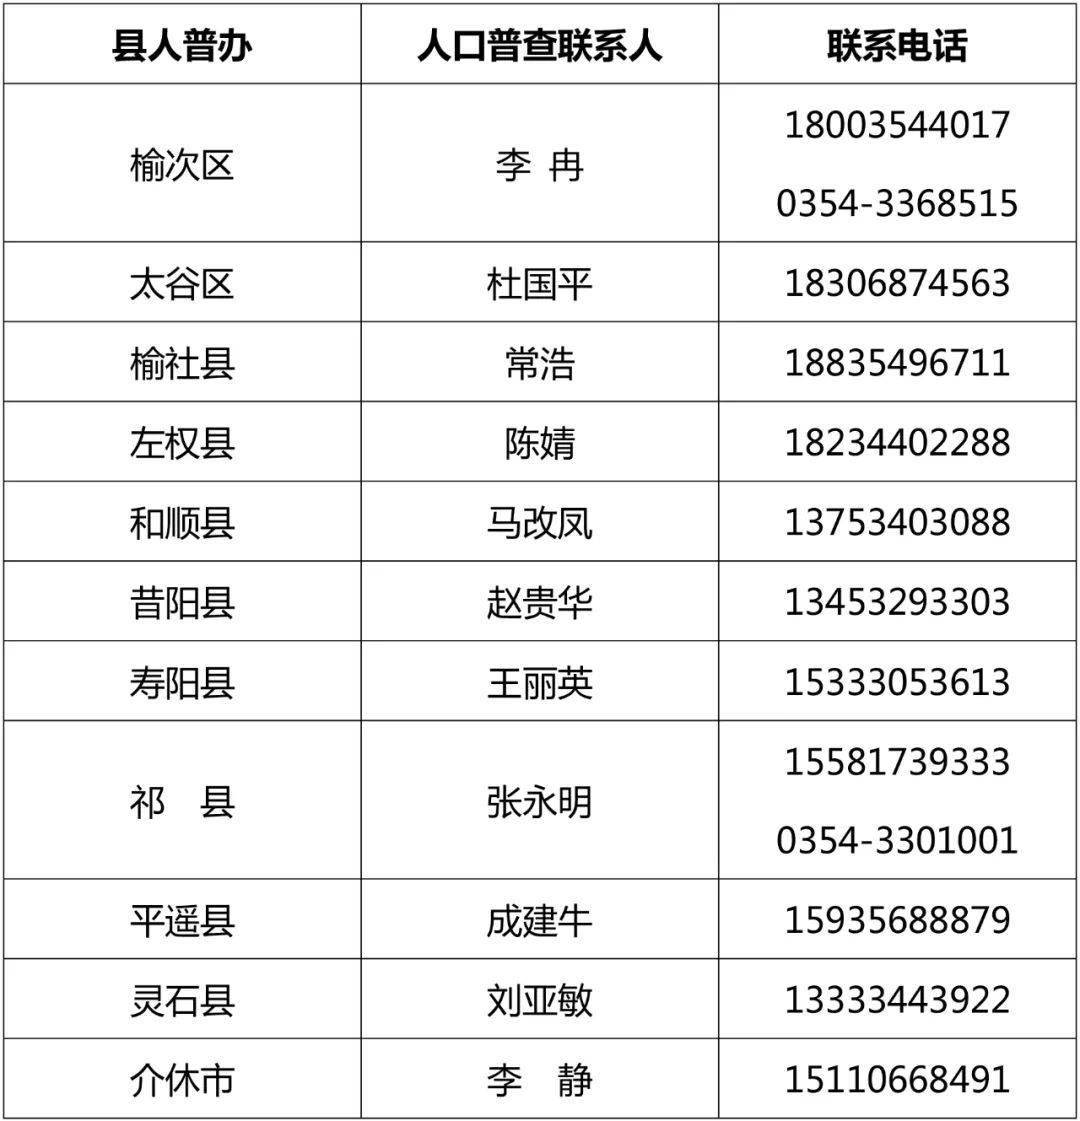 晋中市人口_山西一黑马县,隶属晋中,人口不足30万,未来有望撤县设市